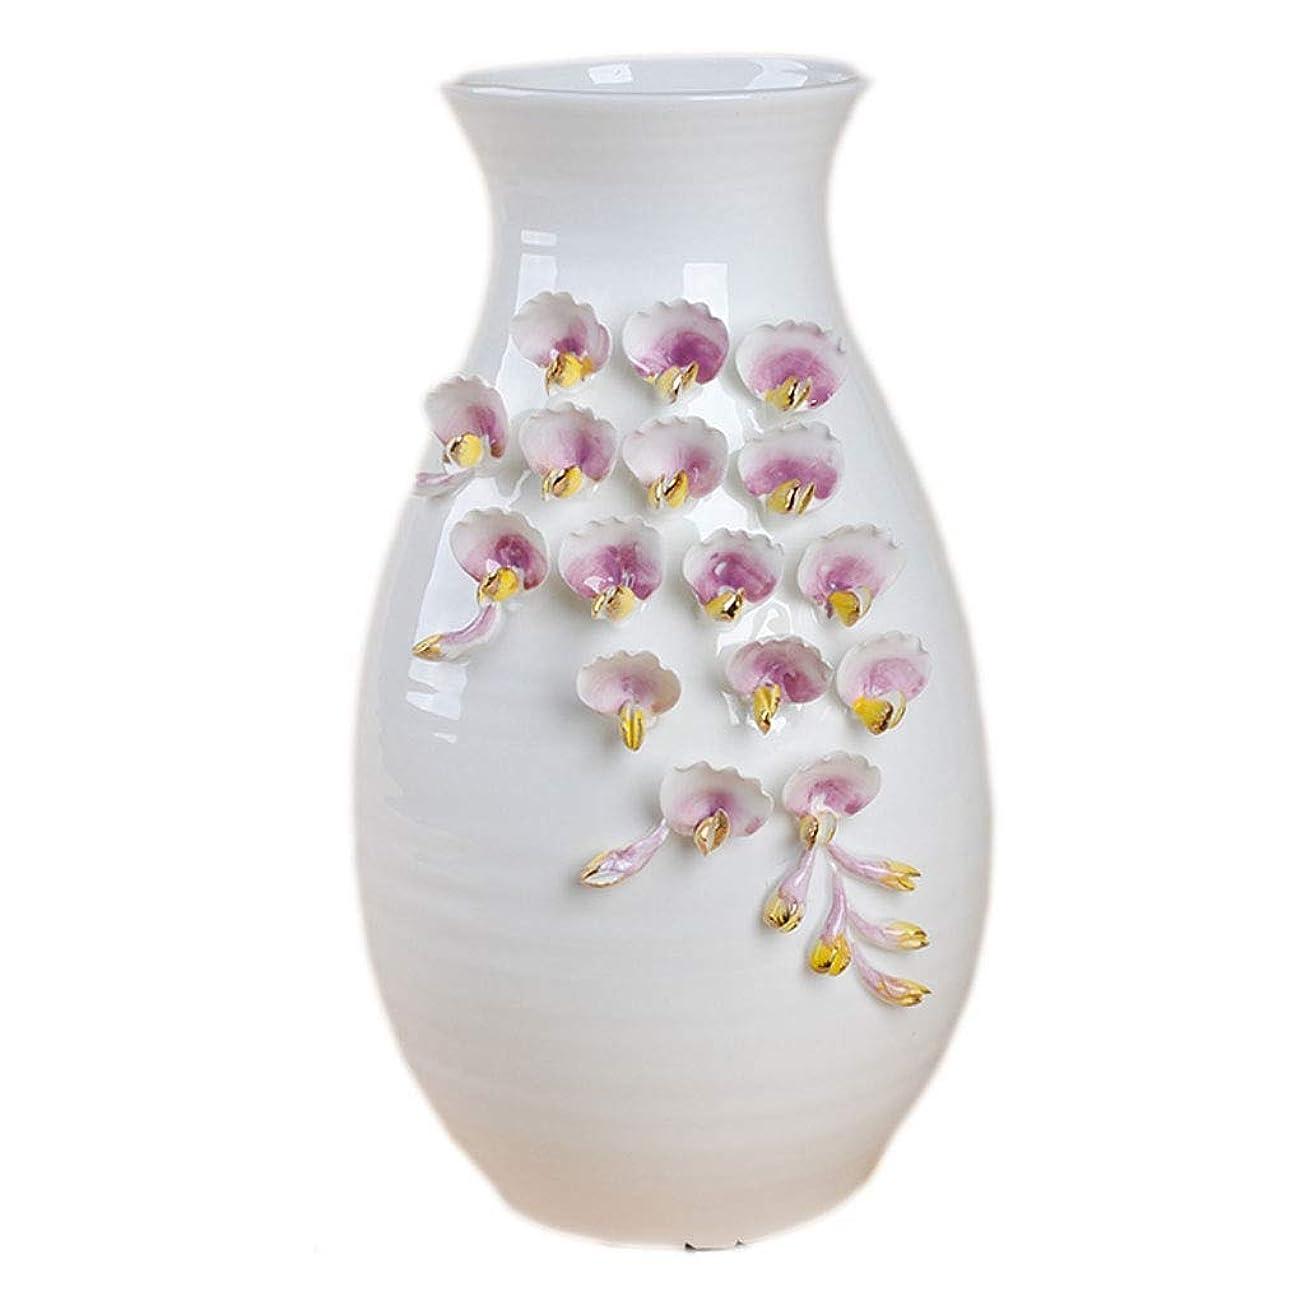 心のこもったおびえたペット花瓶 セラミックセラミッククリエイティブ現代のミニマリストの手作り陶器フラワーアレンジメント美しいパターンのホームデコレーションオーナメント (Size : C)